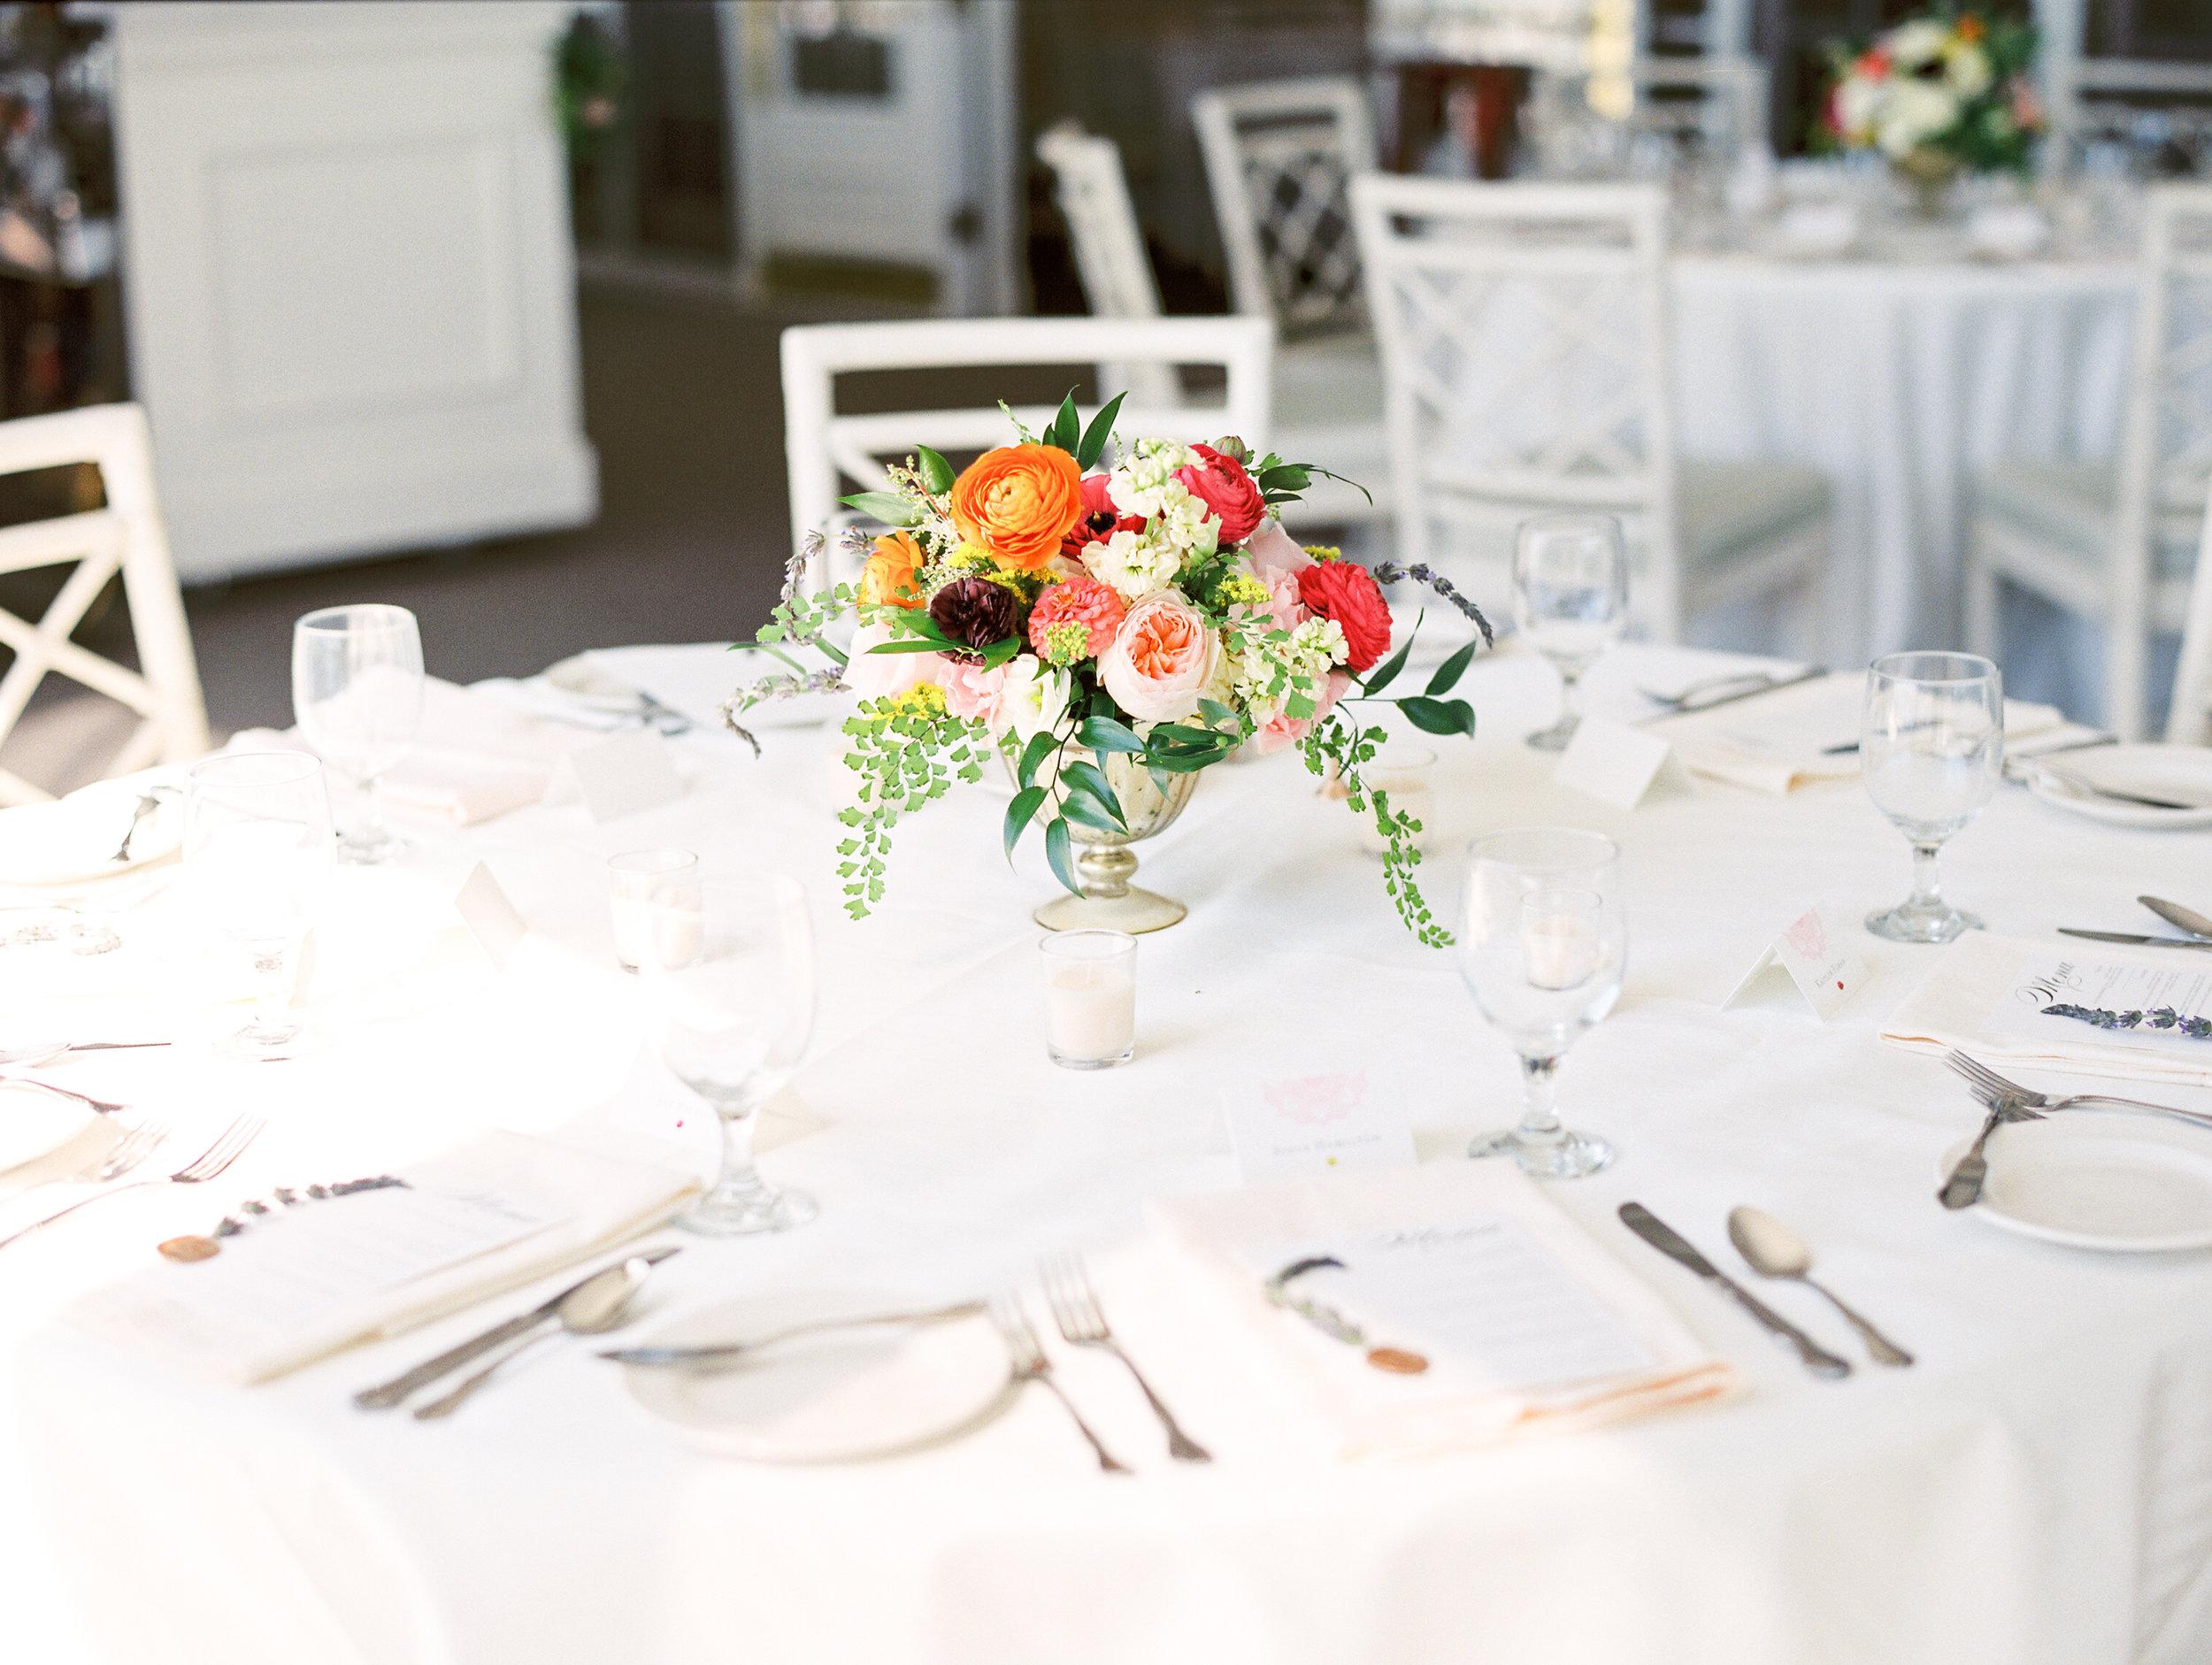 Govathoti+Wedding+Reception+Details-56.jpg